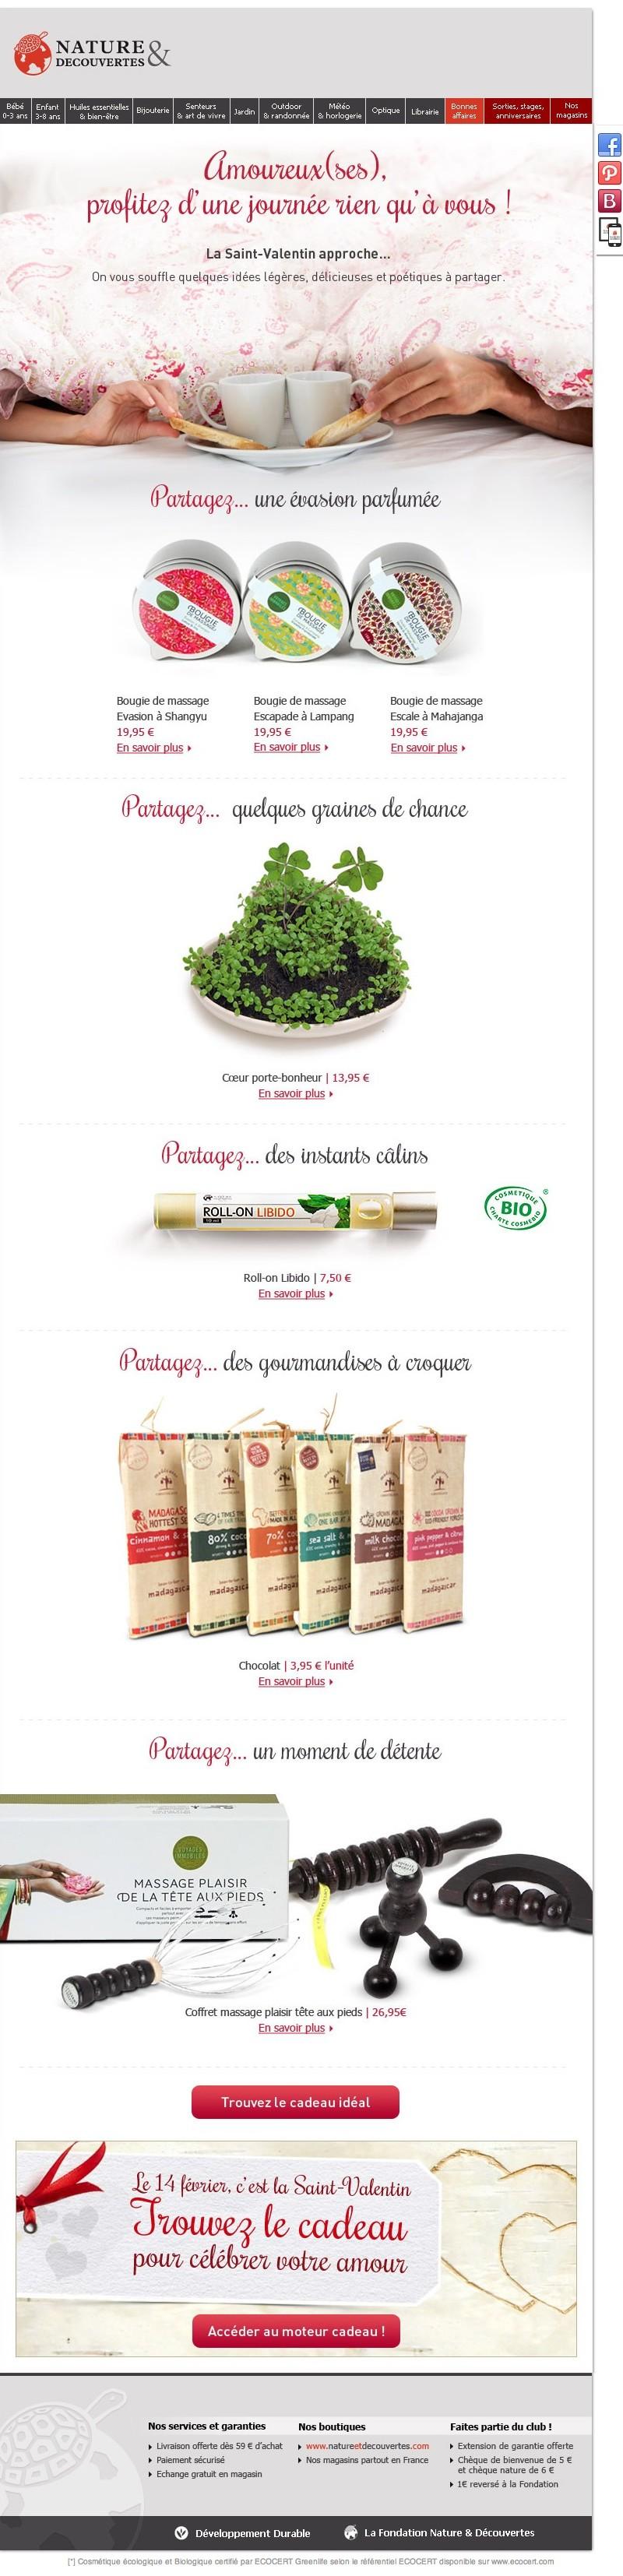 Galerie de newsletters de la marque the mailing book for Cuisine nature et decouverte